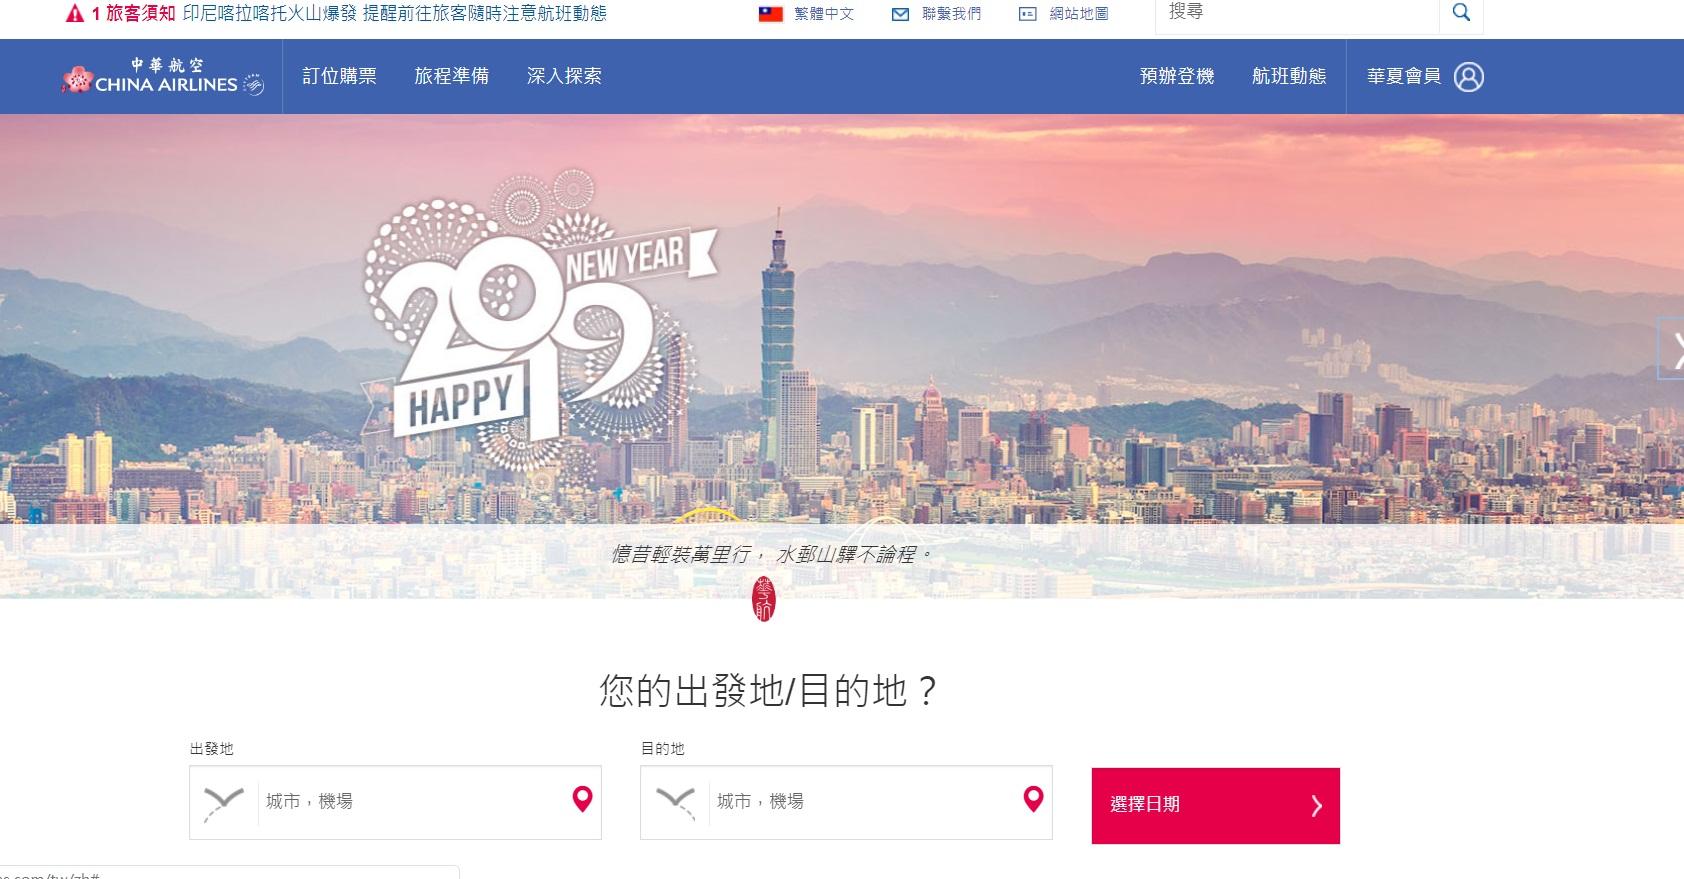 即時熱門文章:華航繼續瘋狂,輸入折扣碼全部特價,連正暑假都有6~8K的日韓票價(107.1.4)